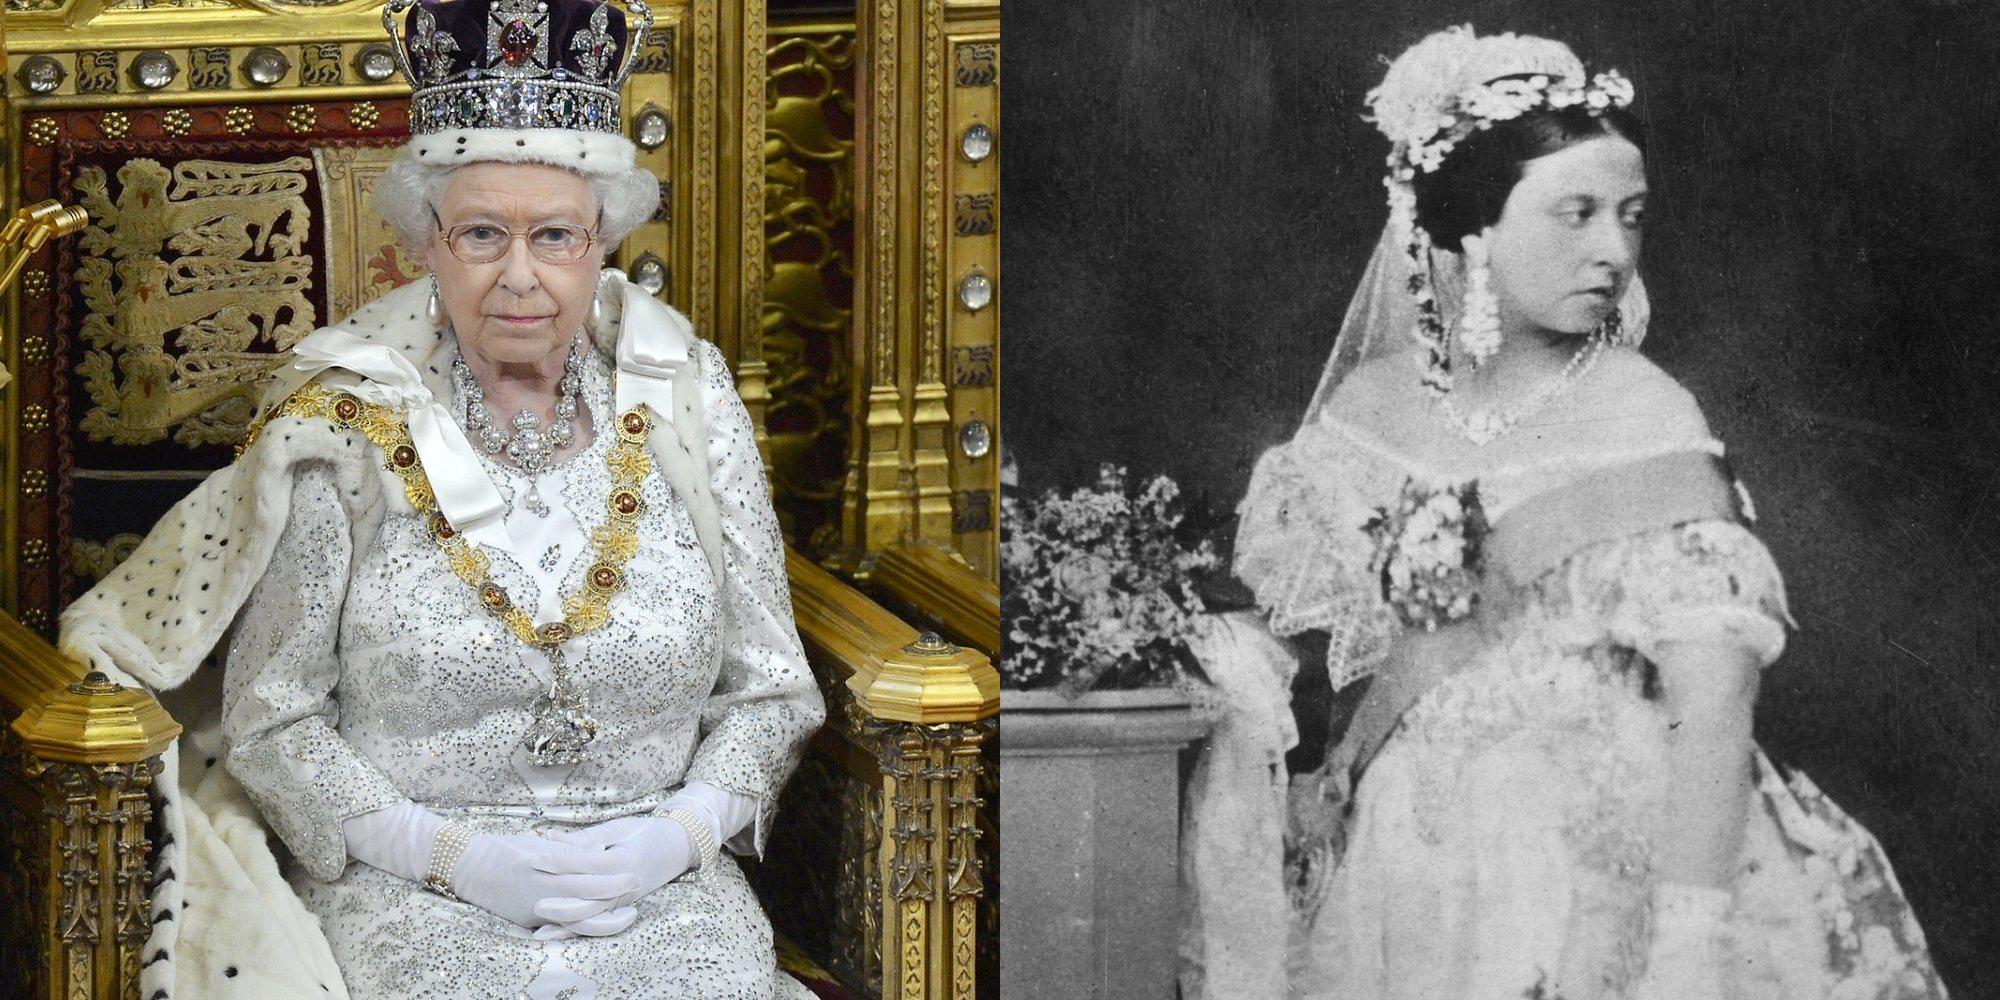 Las vidas paralelas de la Reina Isabel y la Reina Victoria: dos mujeres unidas por la sangre y un destino inesperado